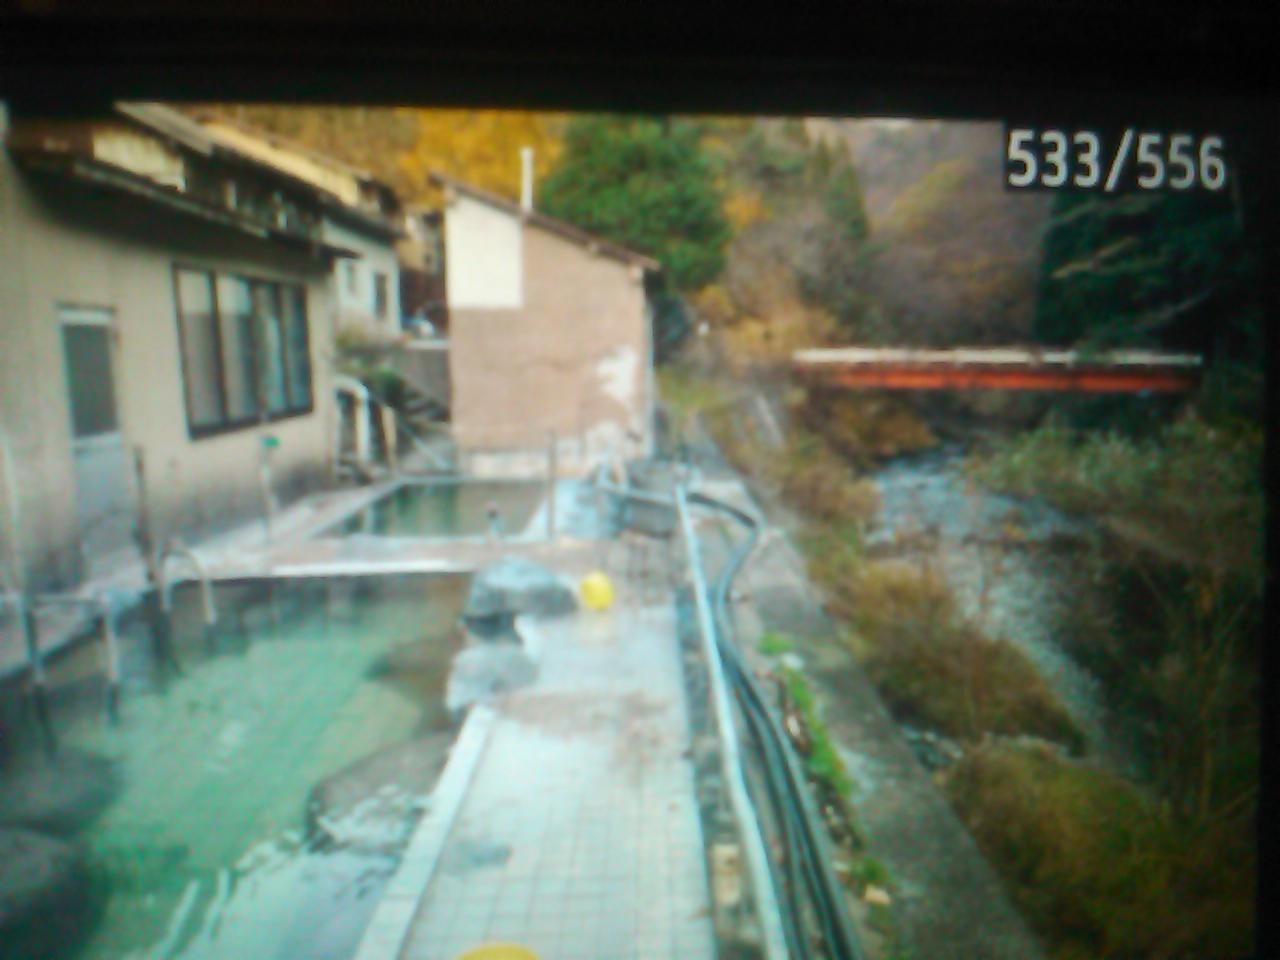 トピック「中山平温泉」の出来事 - JPTopic